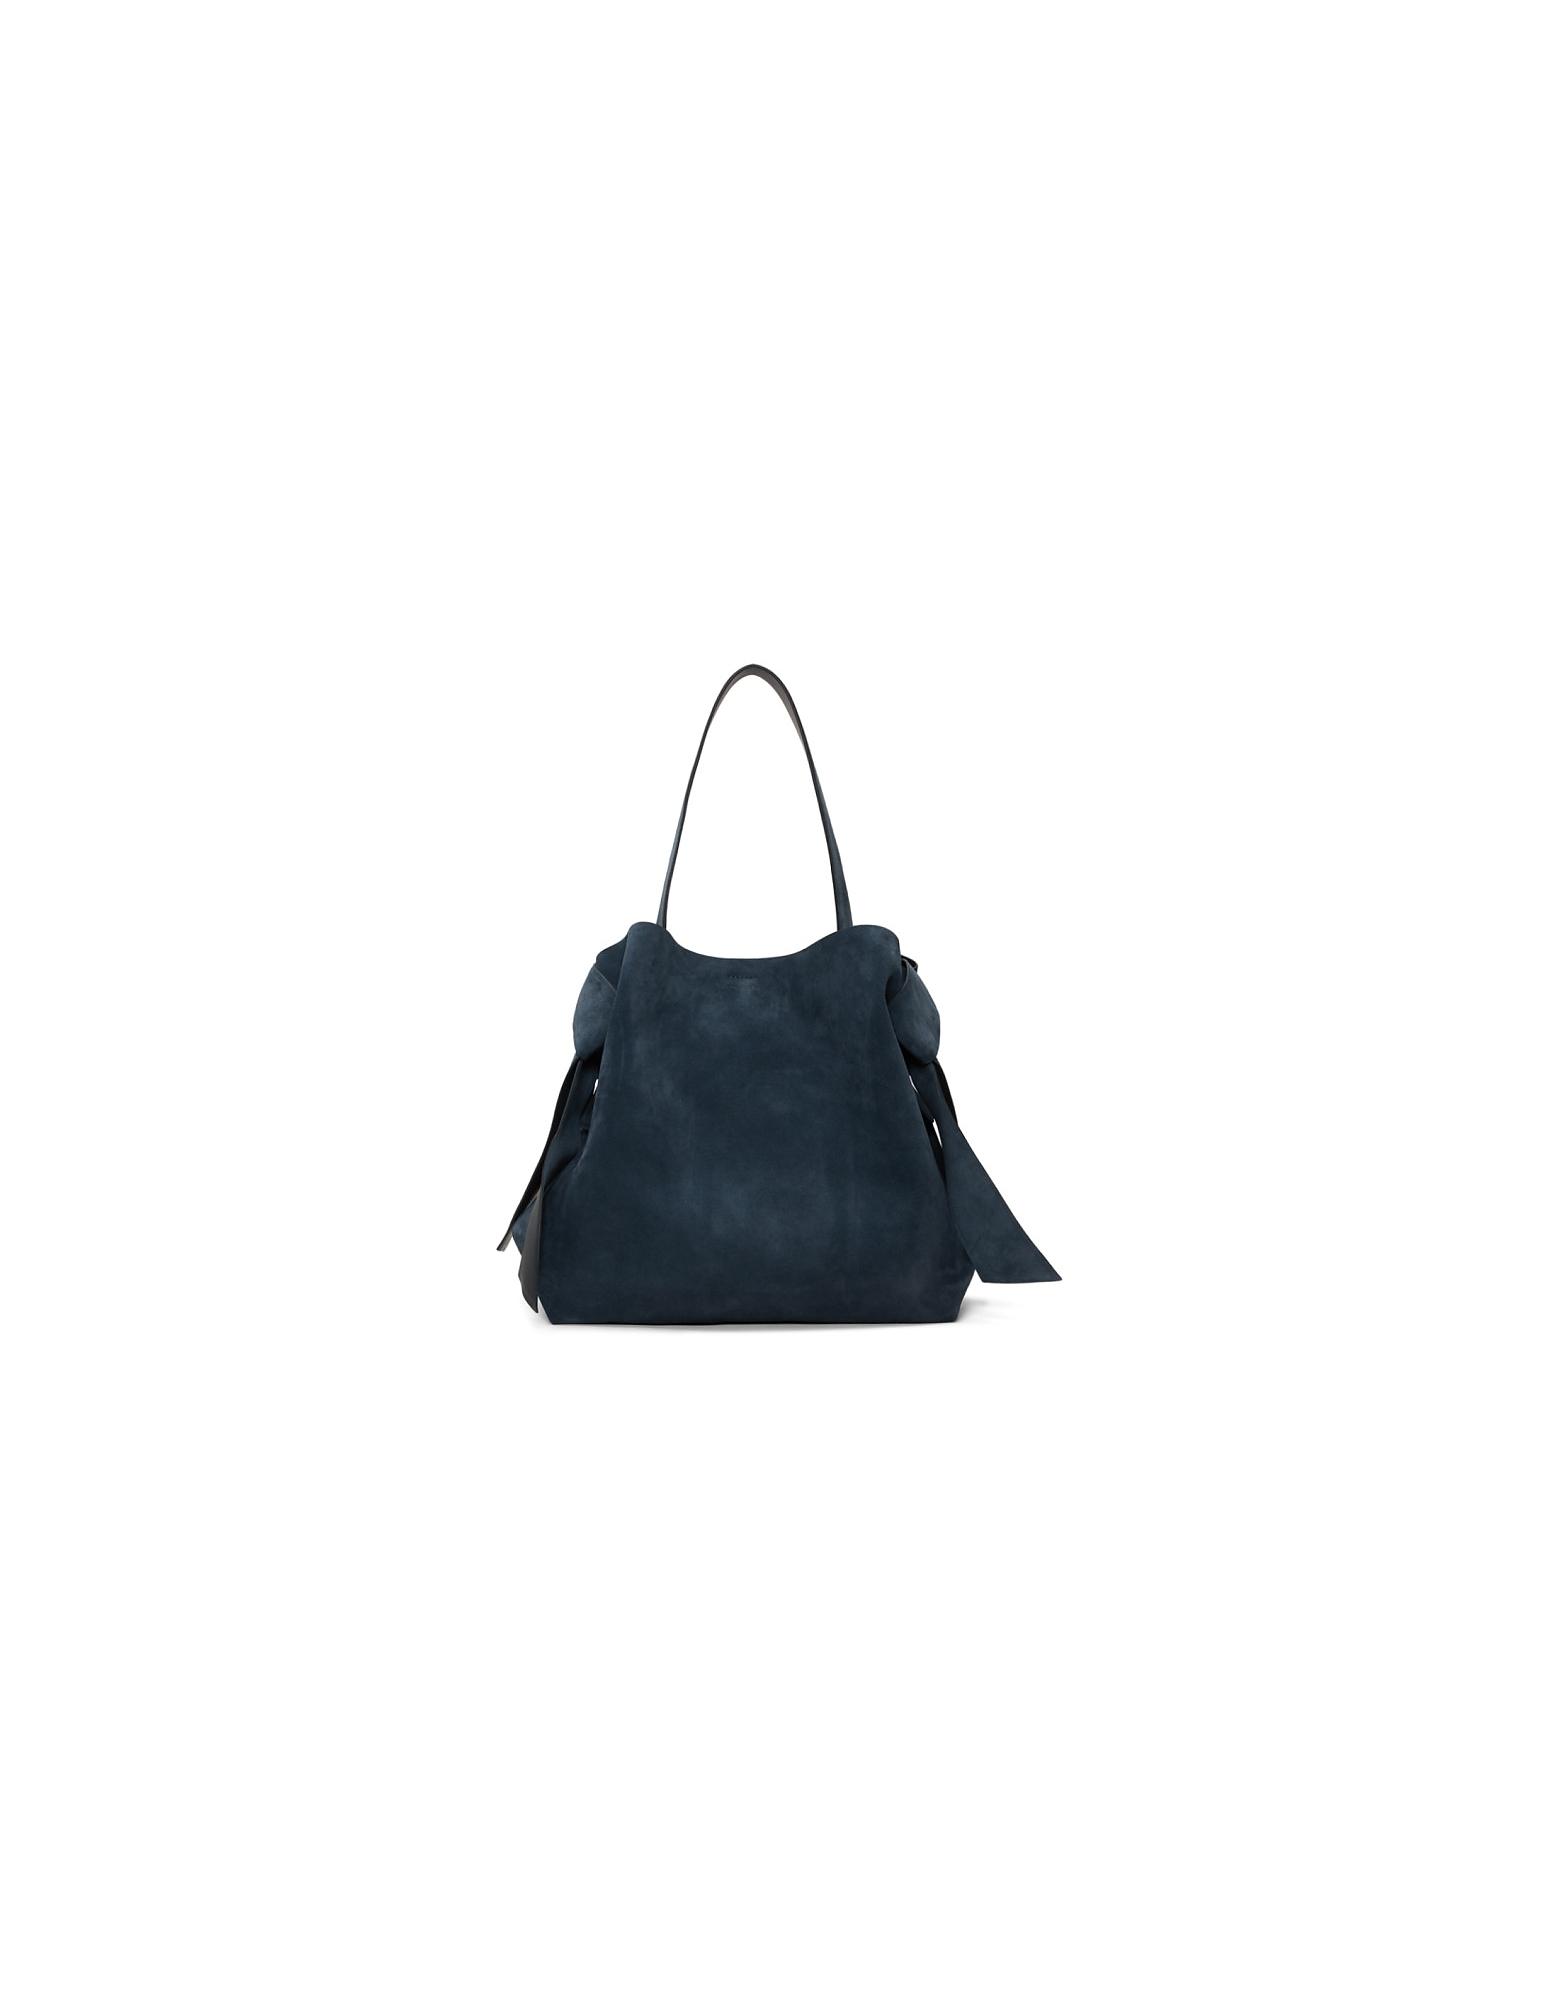 Acne Studios Designer Handbags, Navy Suede Maxi Musubi Bag